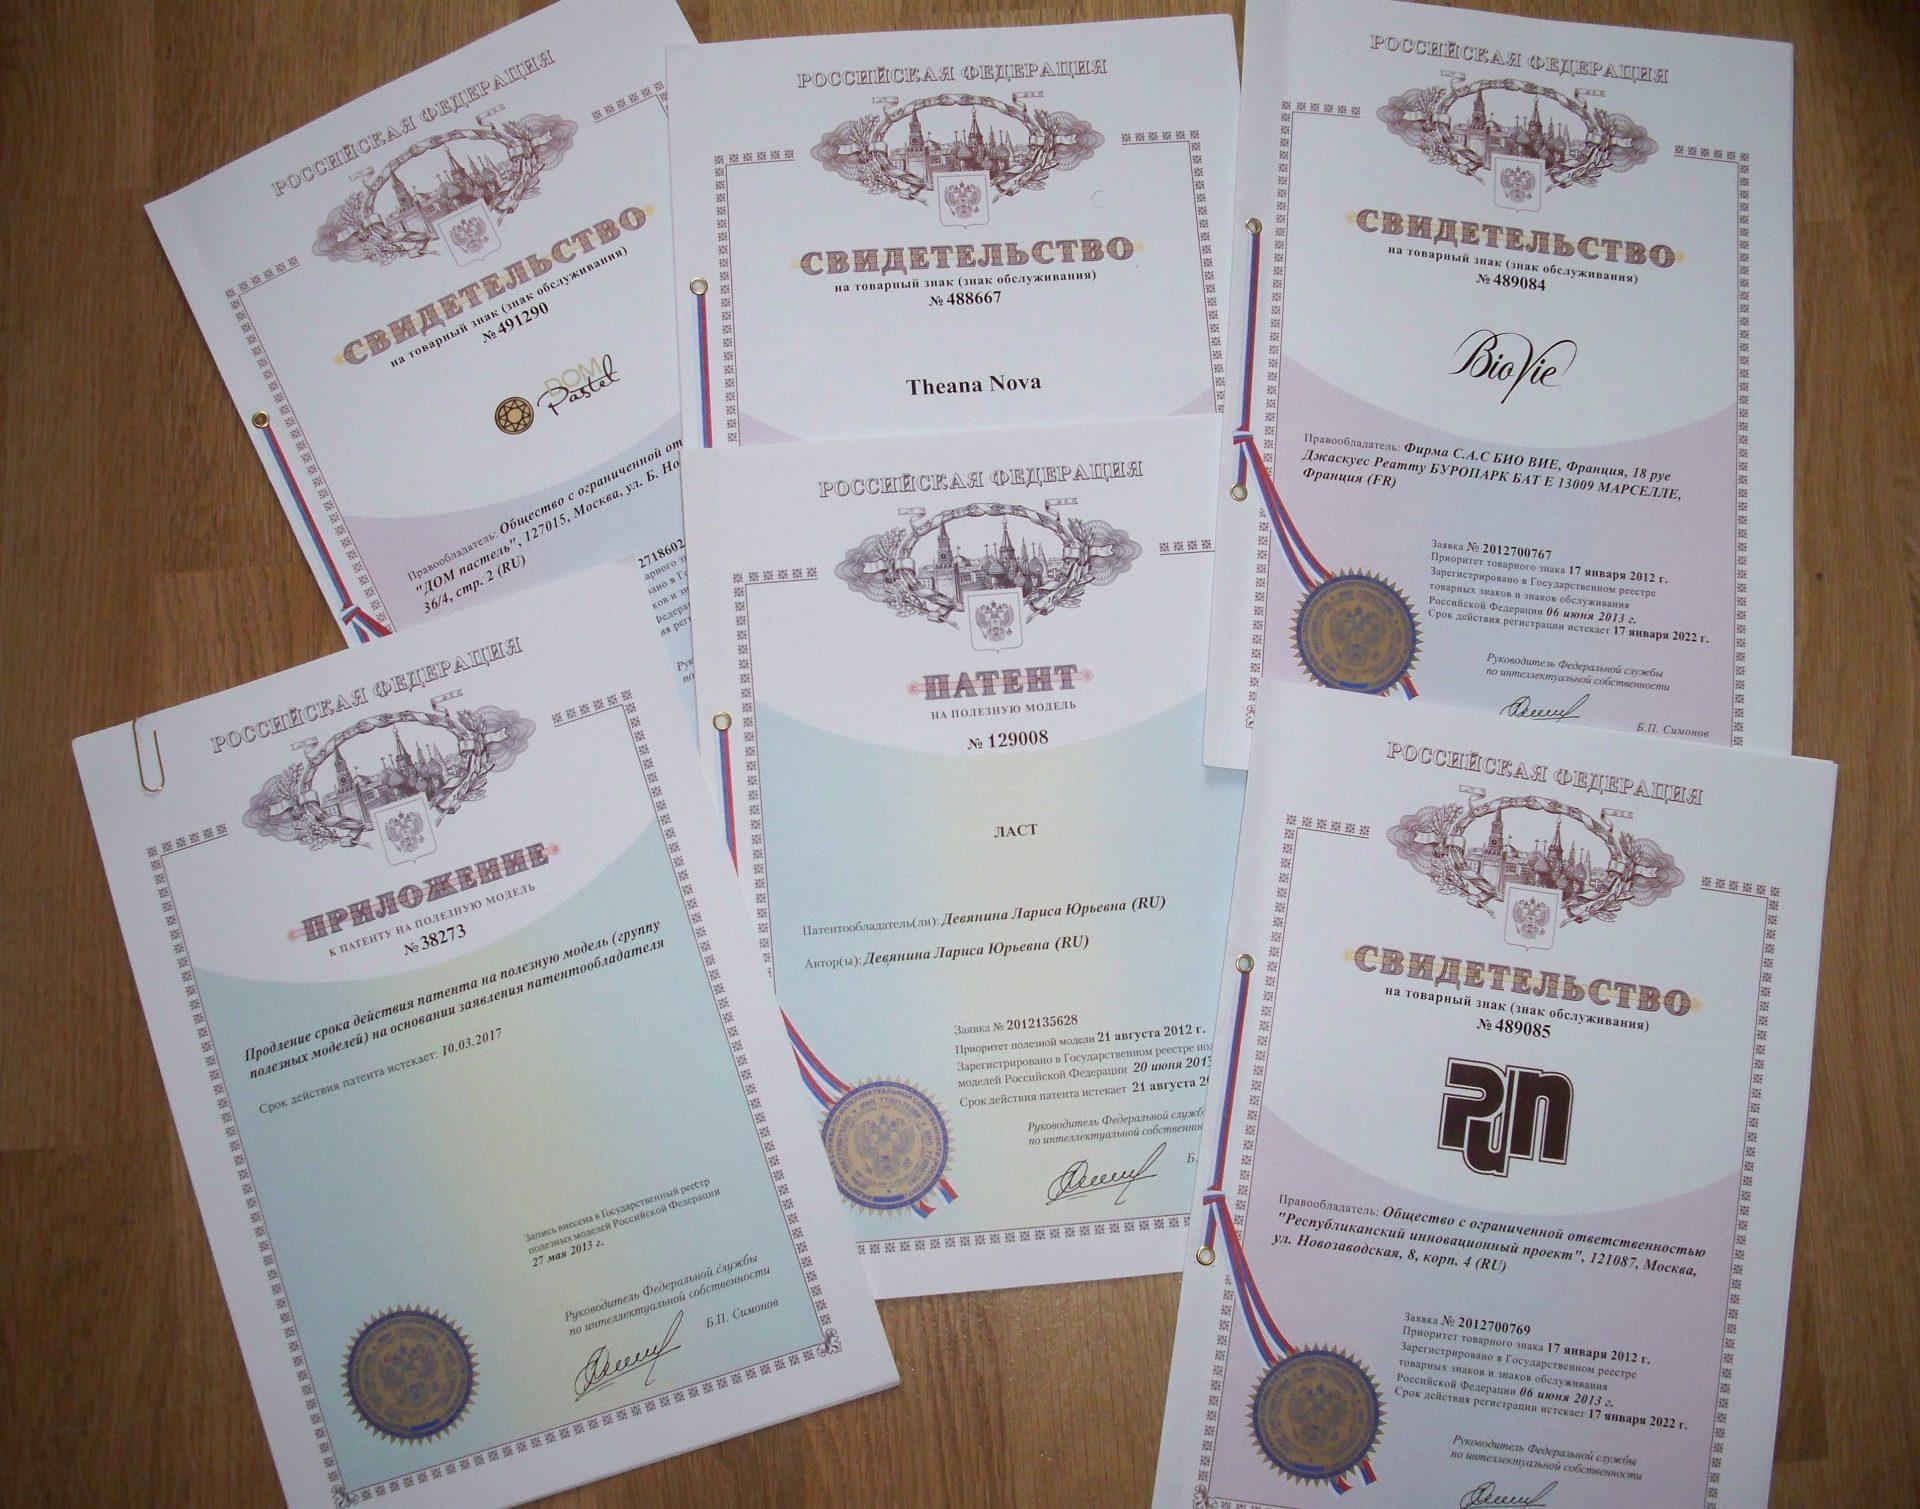 Регистрация разработки в Роспатенте